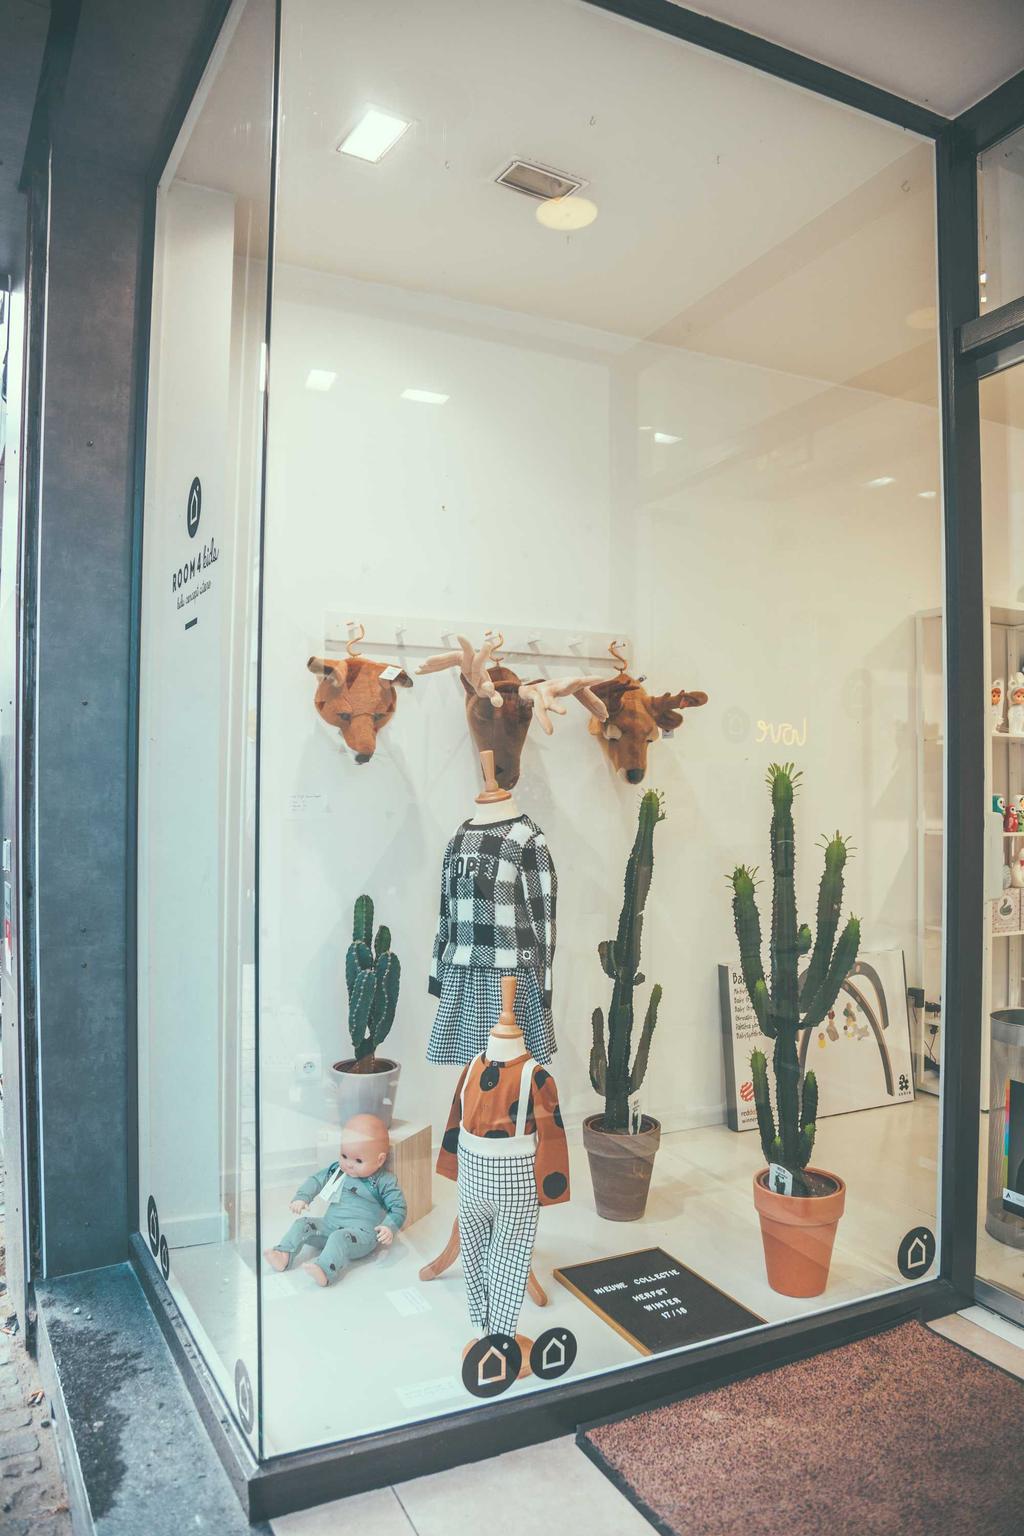 room4kids de etalage met cactussen en kledij voor kinderen